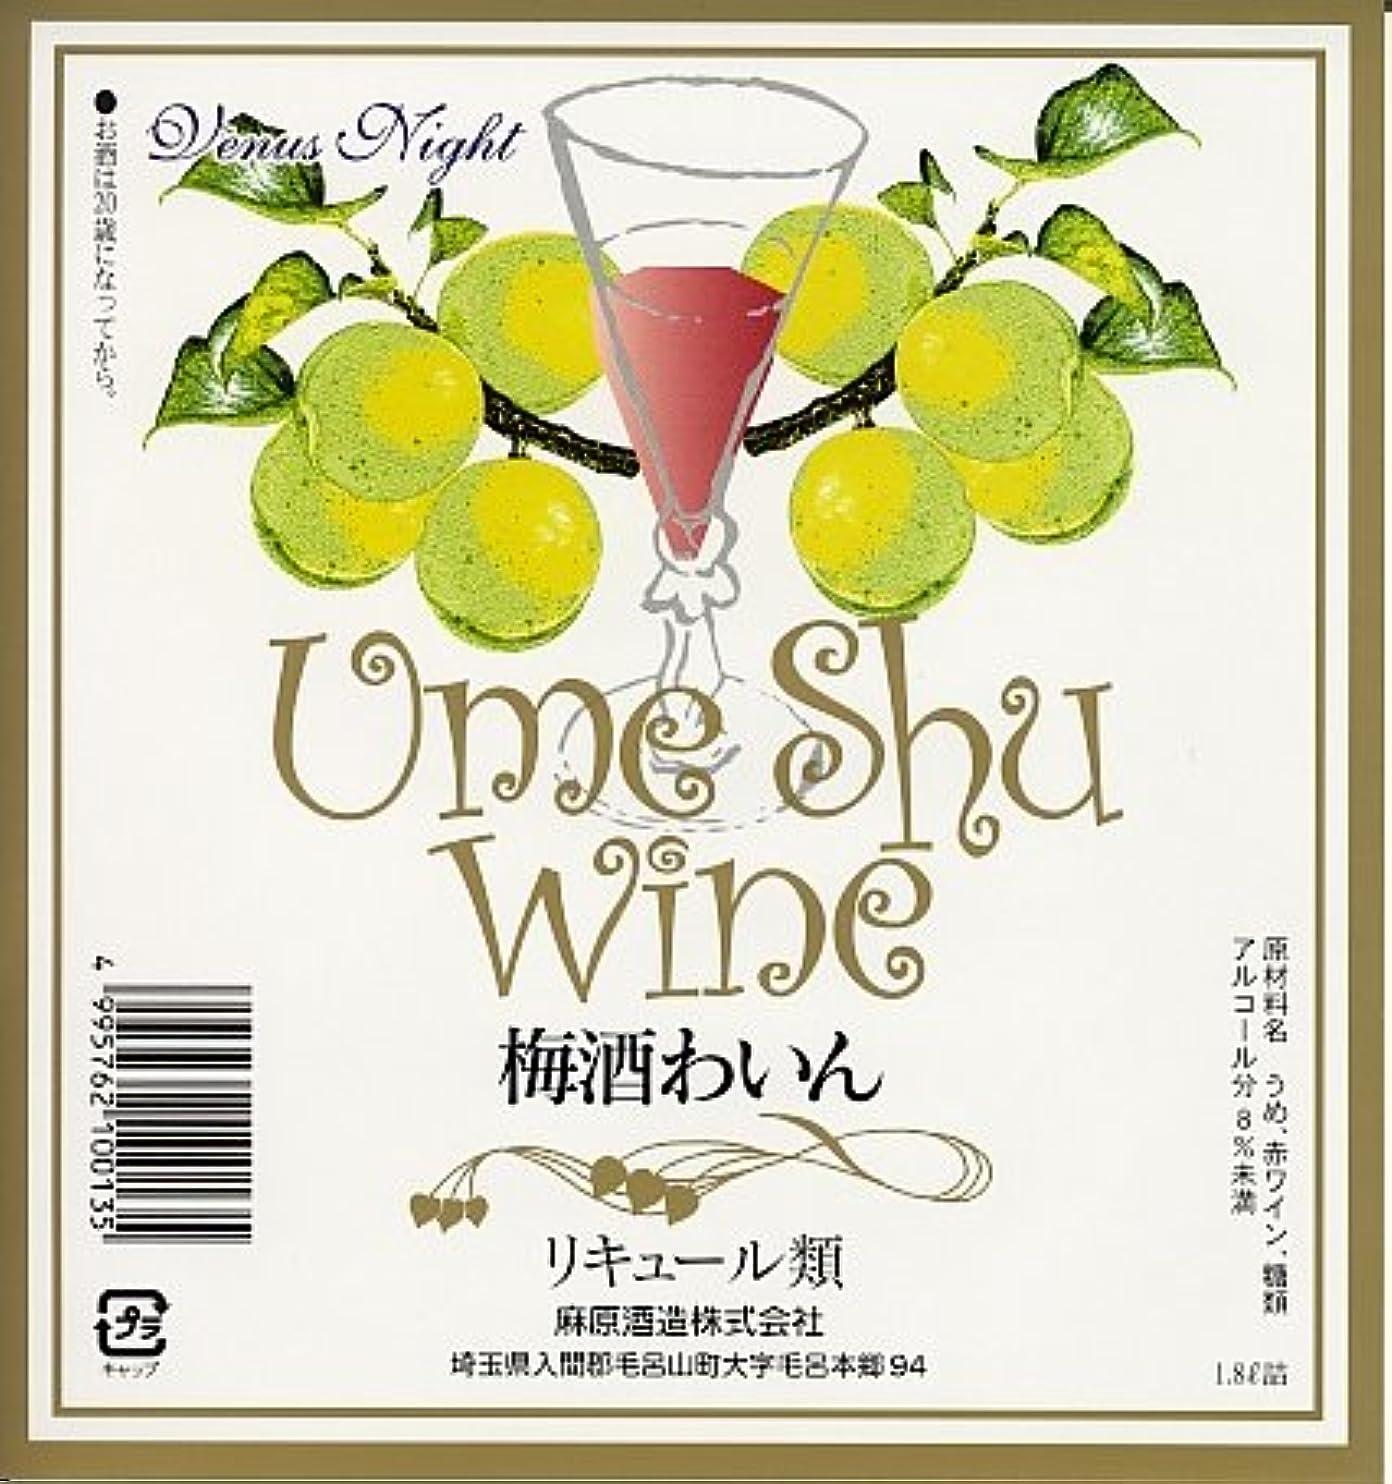 リファインどっちでも乗り出す梅酒 うめ酒ワイン 8% 赤 500ml 瓶